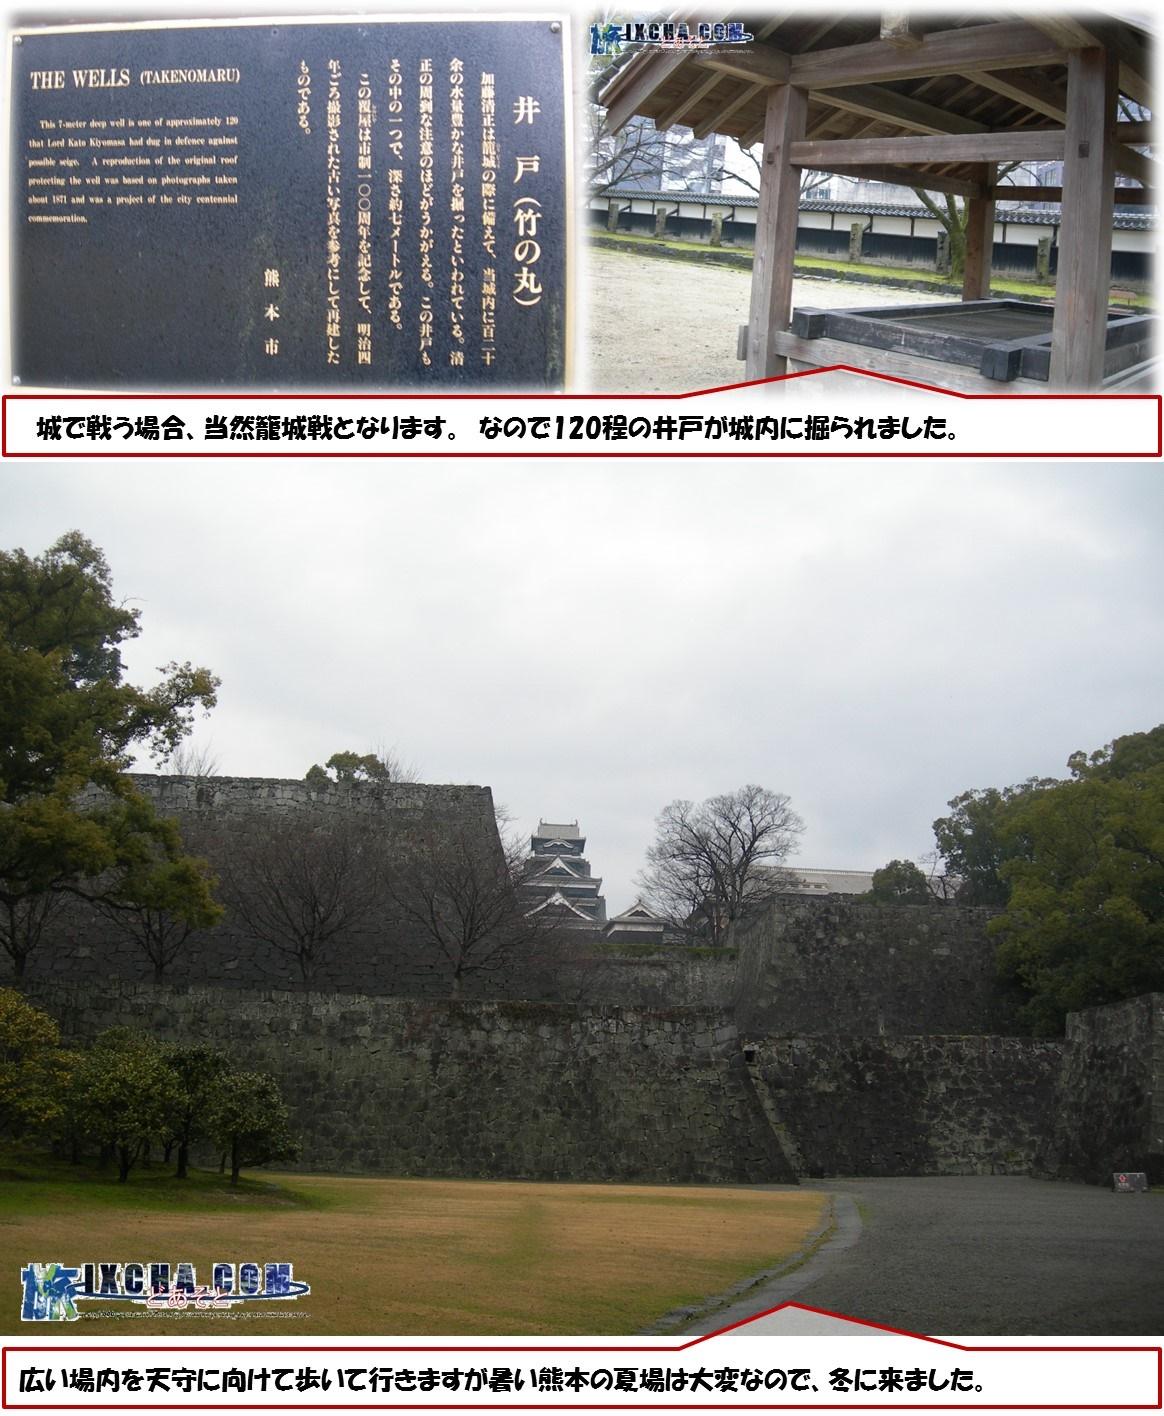 城で戦う場合、当然籠城戦となります。 なので120程の井戸が城内に掘られました。 広い場内を天守に向けて歩いて行きますが暑い熊本の夏場は大変なので、冬に来ました。